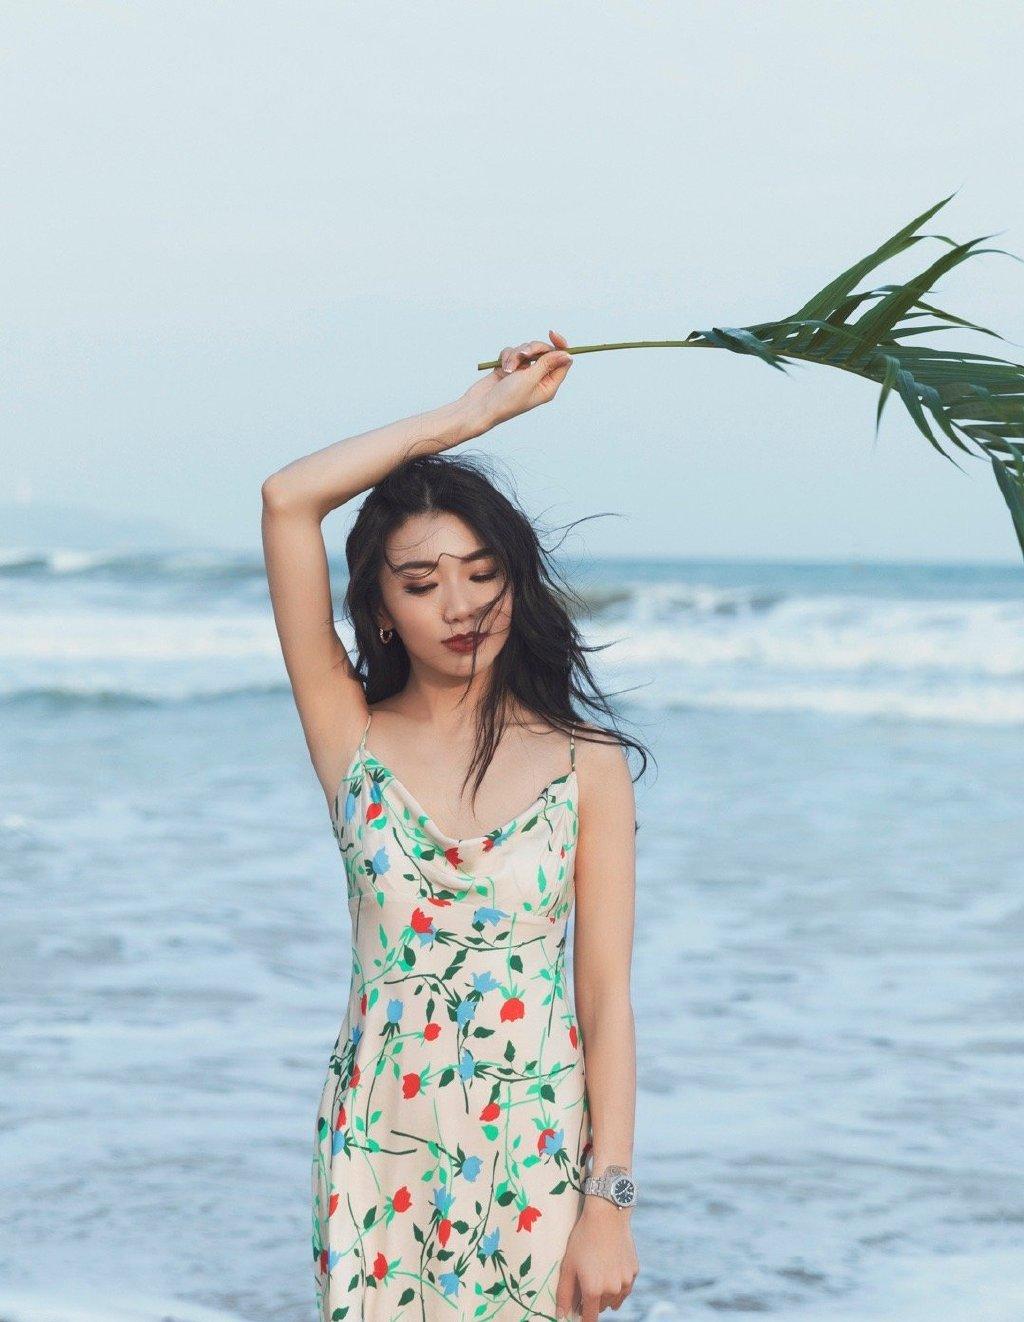 程晓玥唯美海边旅拍照图片